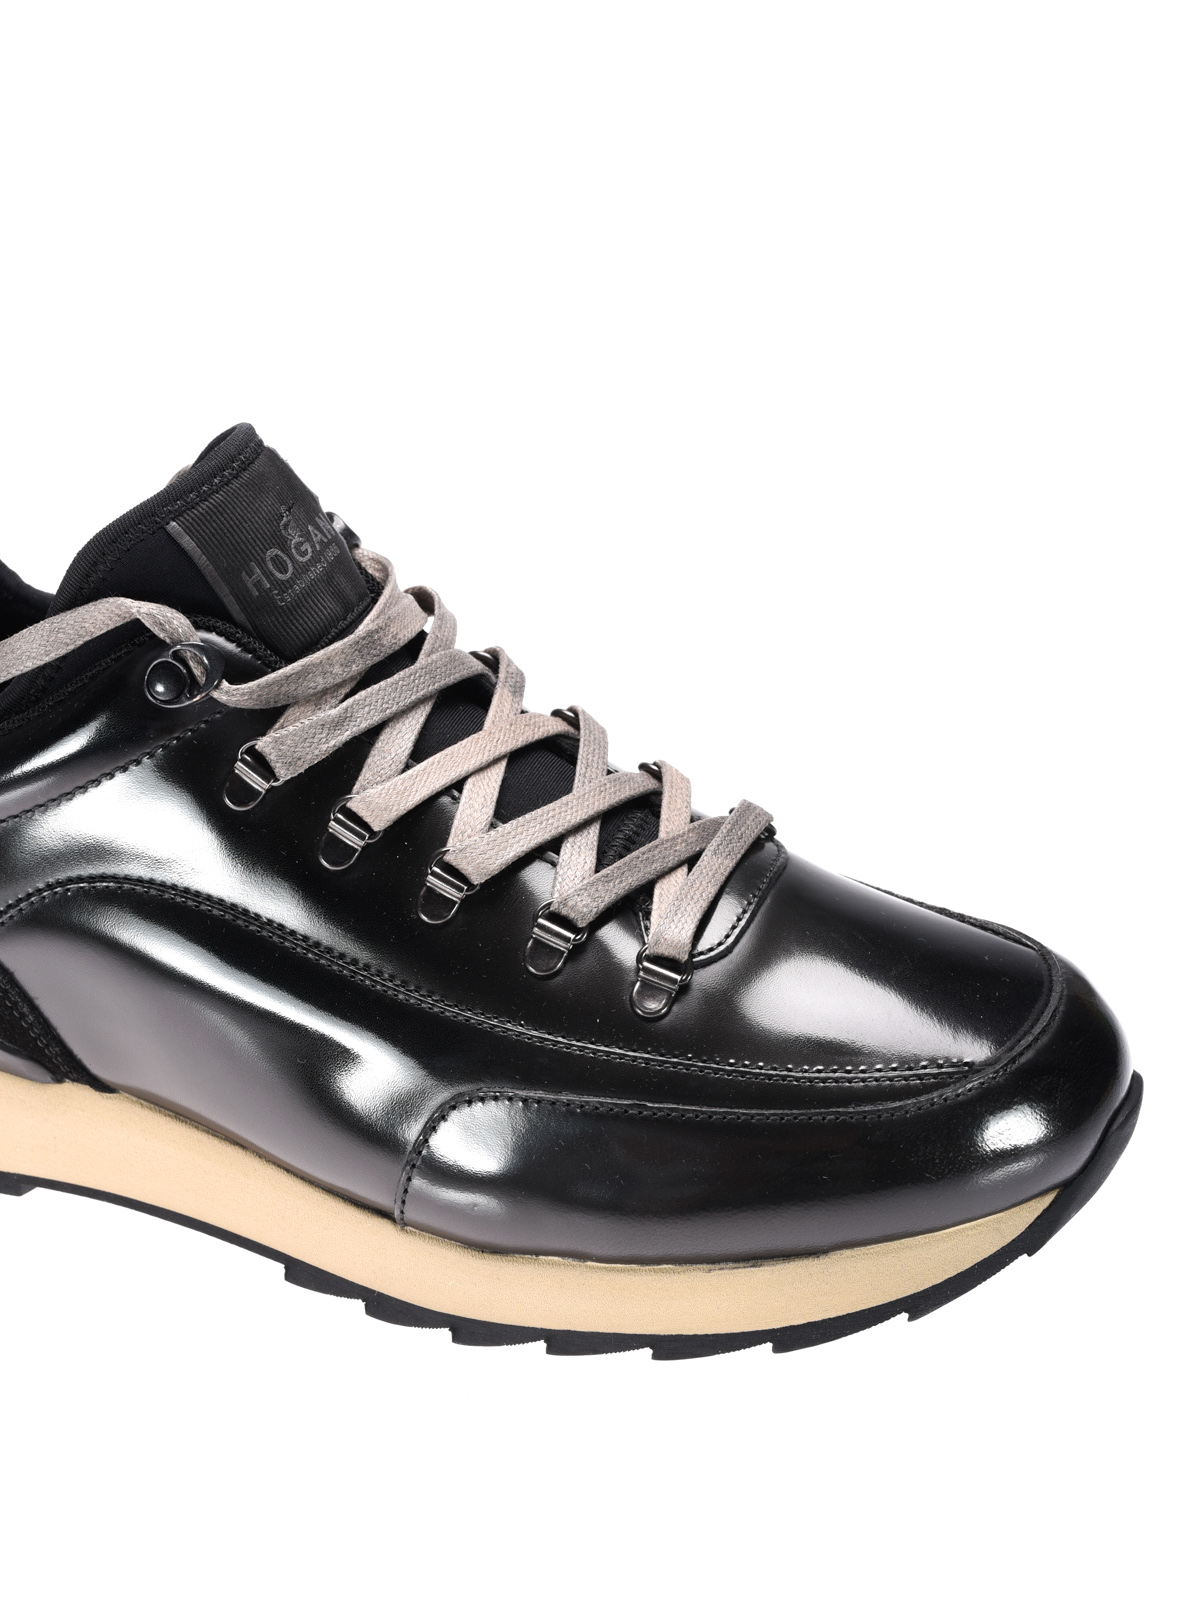 Hogan R261 Chaussures De Sport IULshD